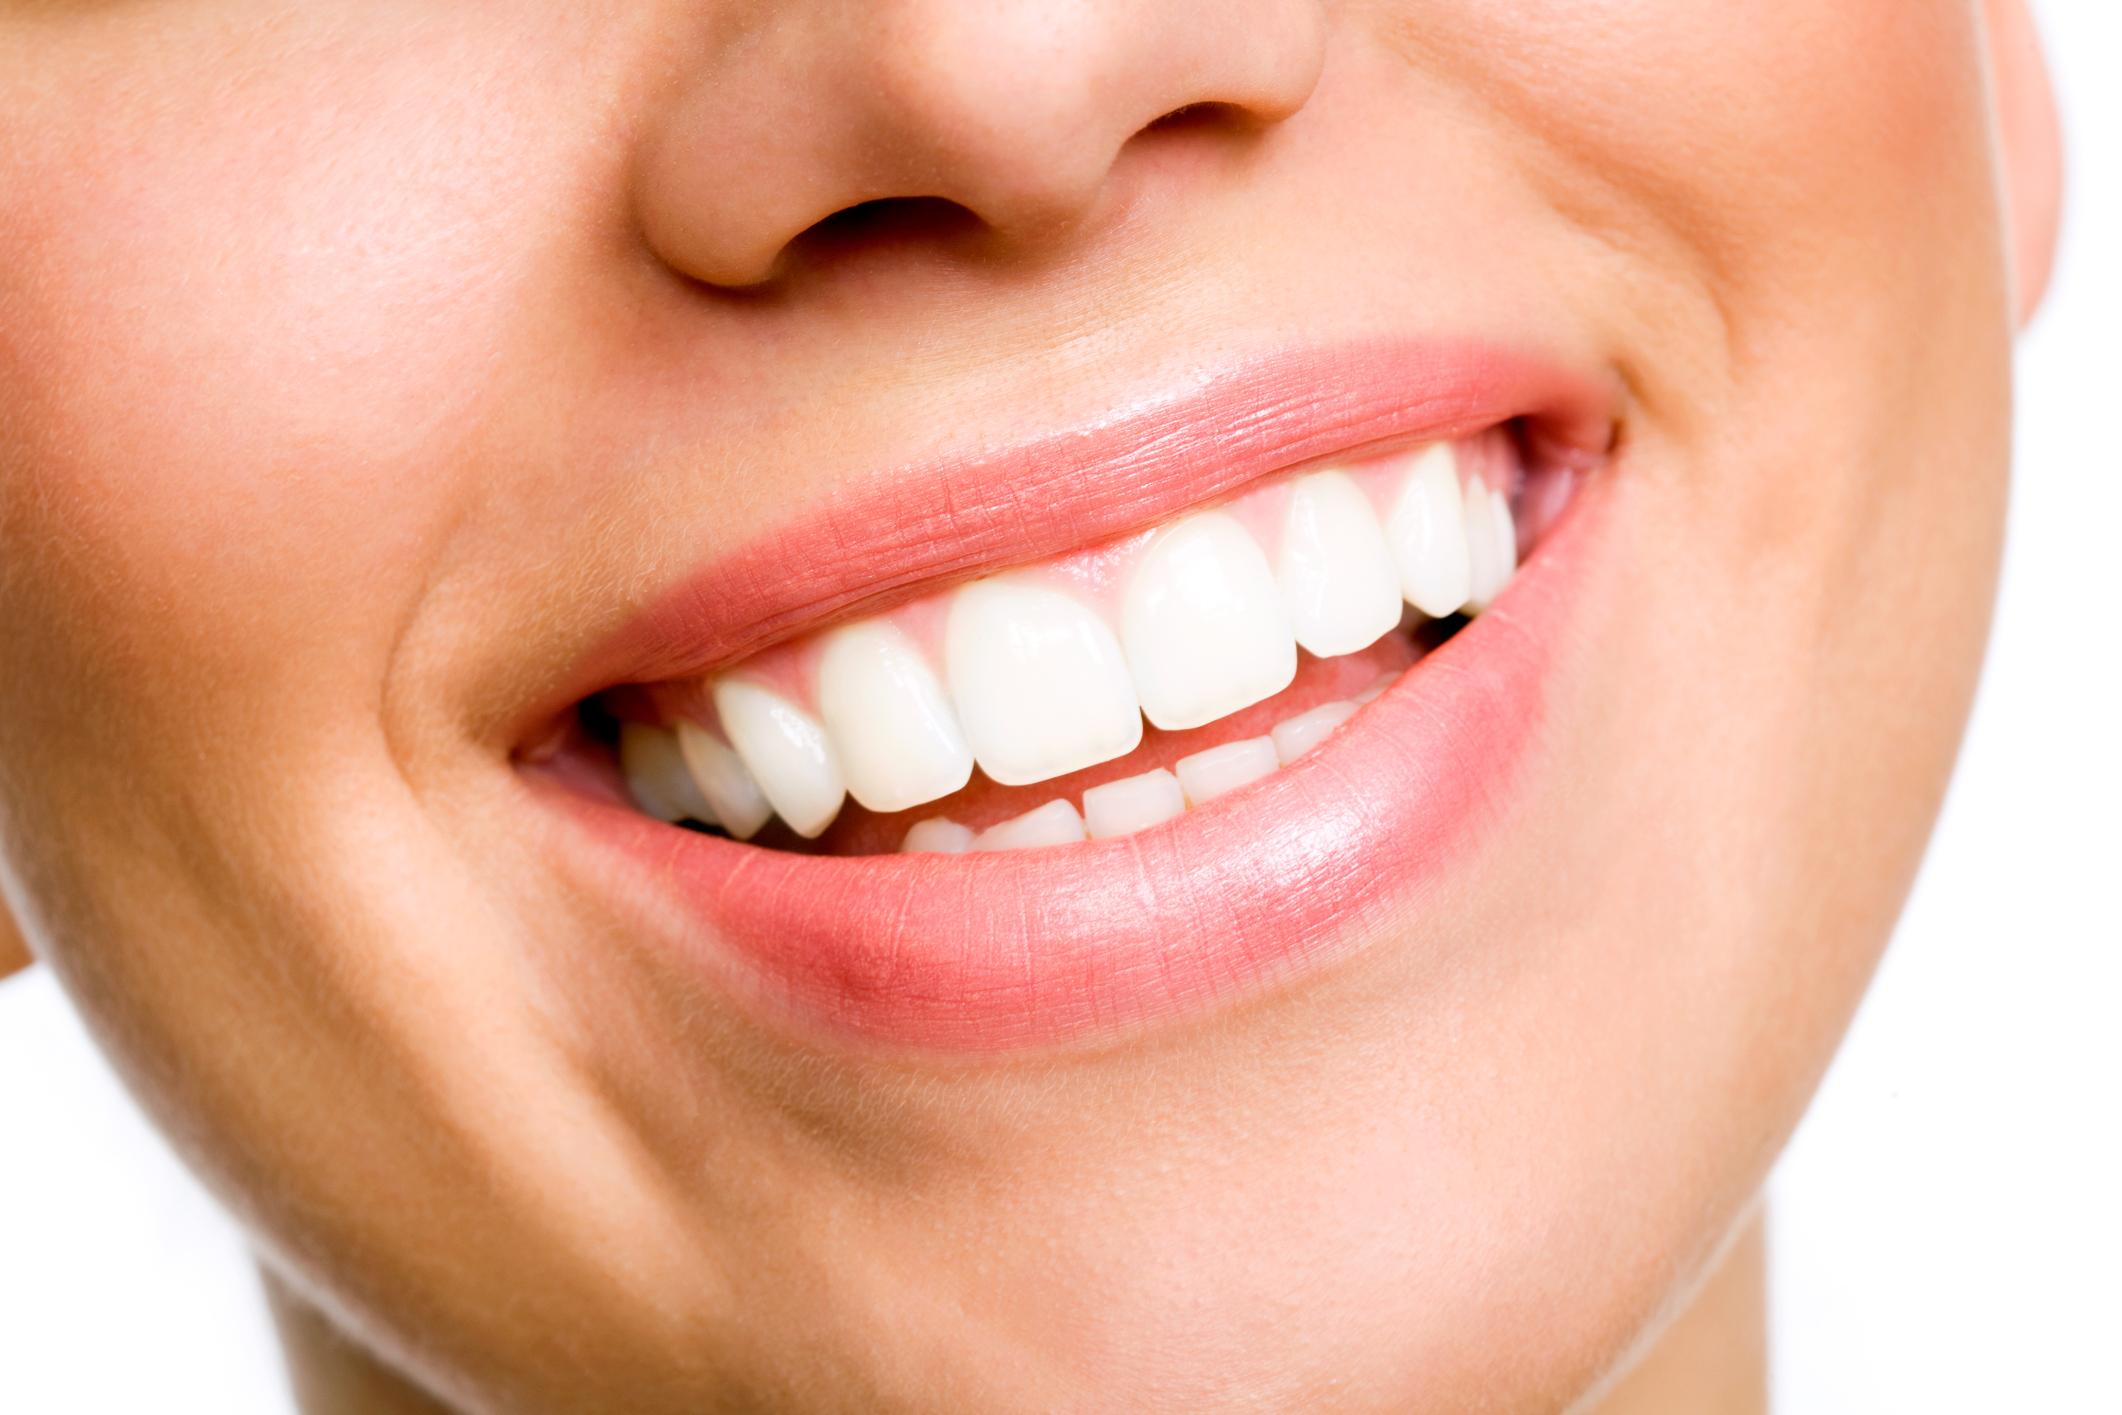 la fuerza y el poder de una sonrisa - Google Images